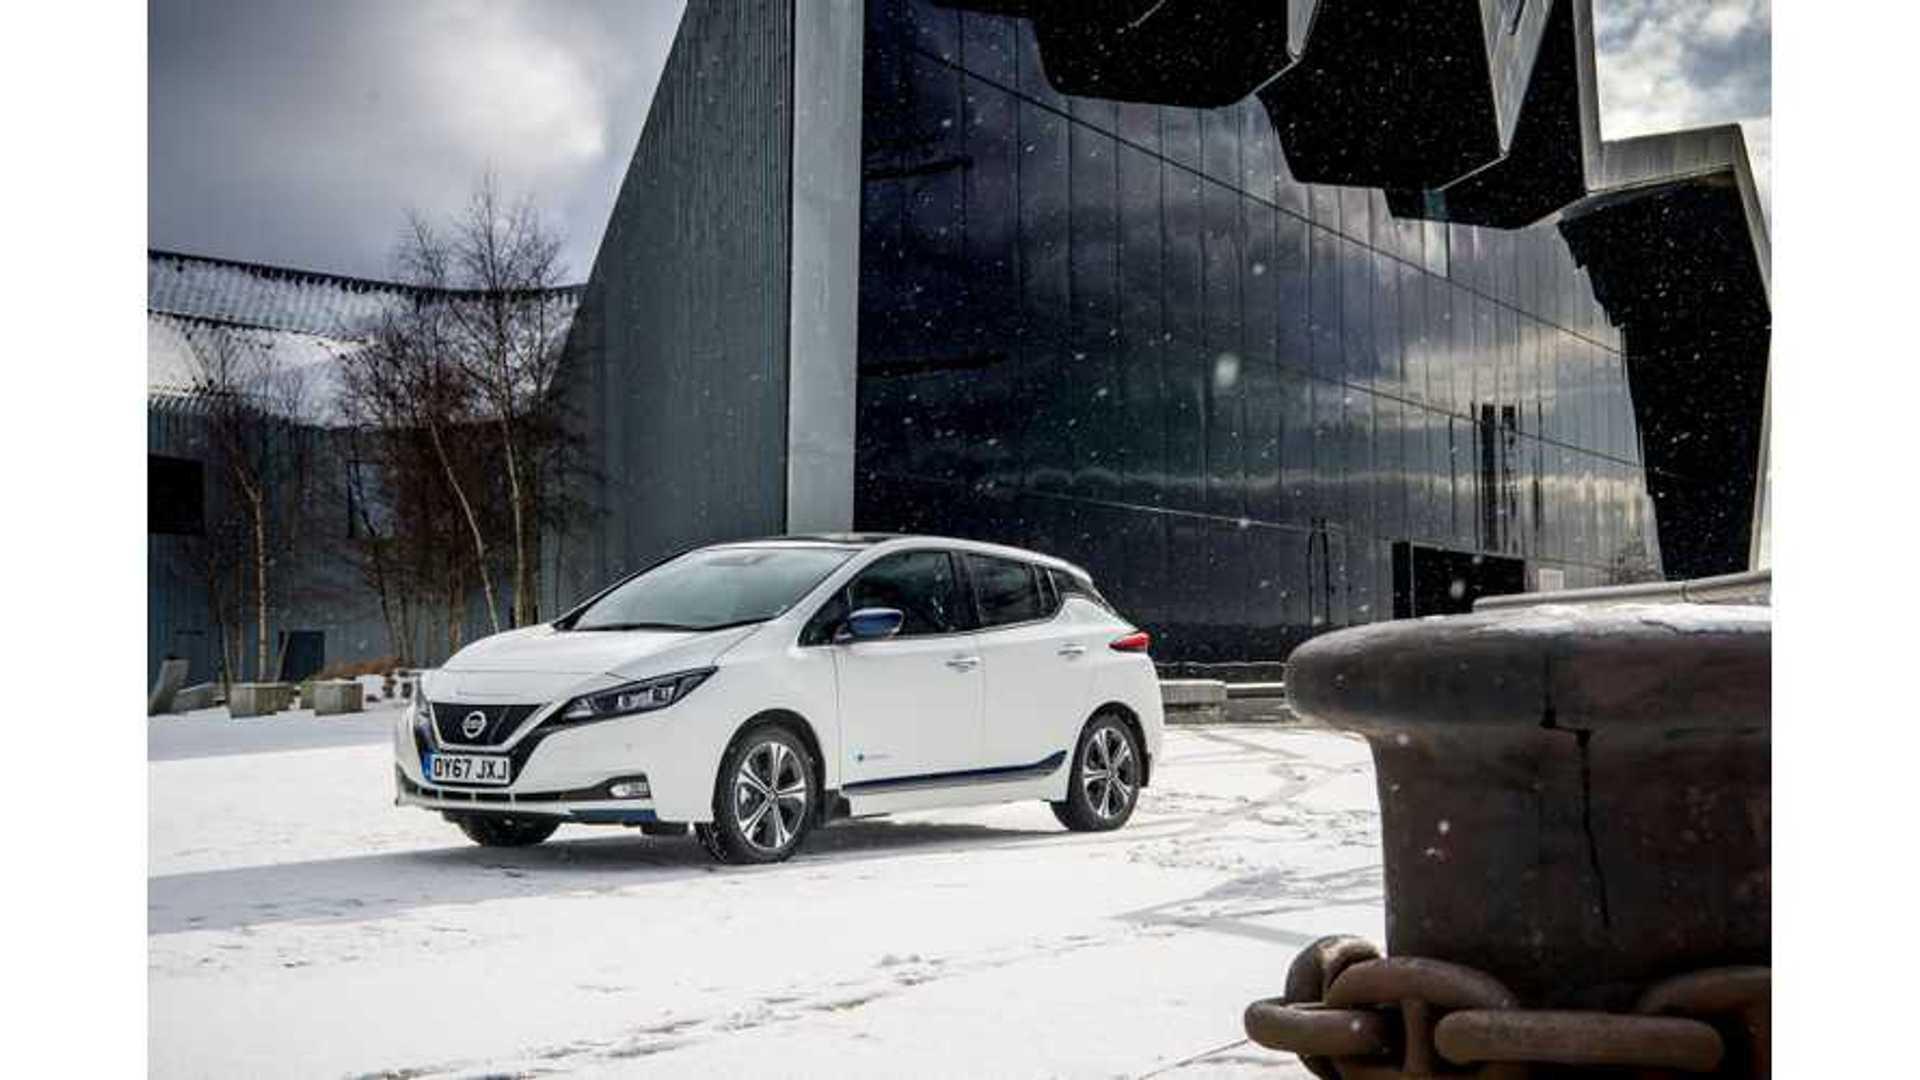 Watch This Nissan LEAF Winter Range Test: Video